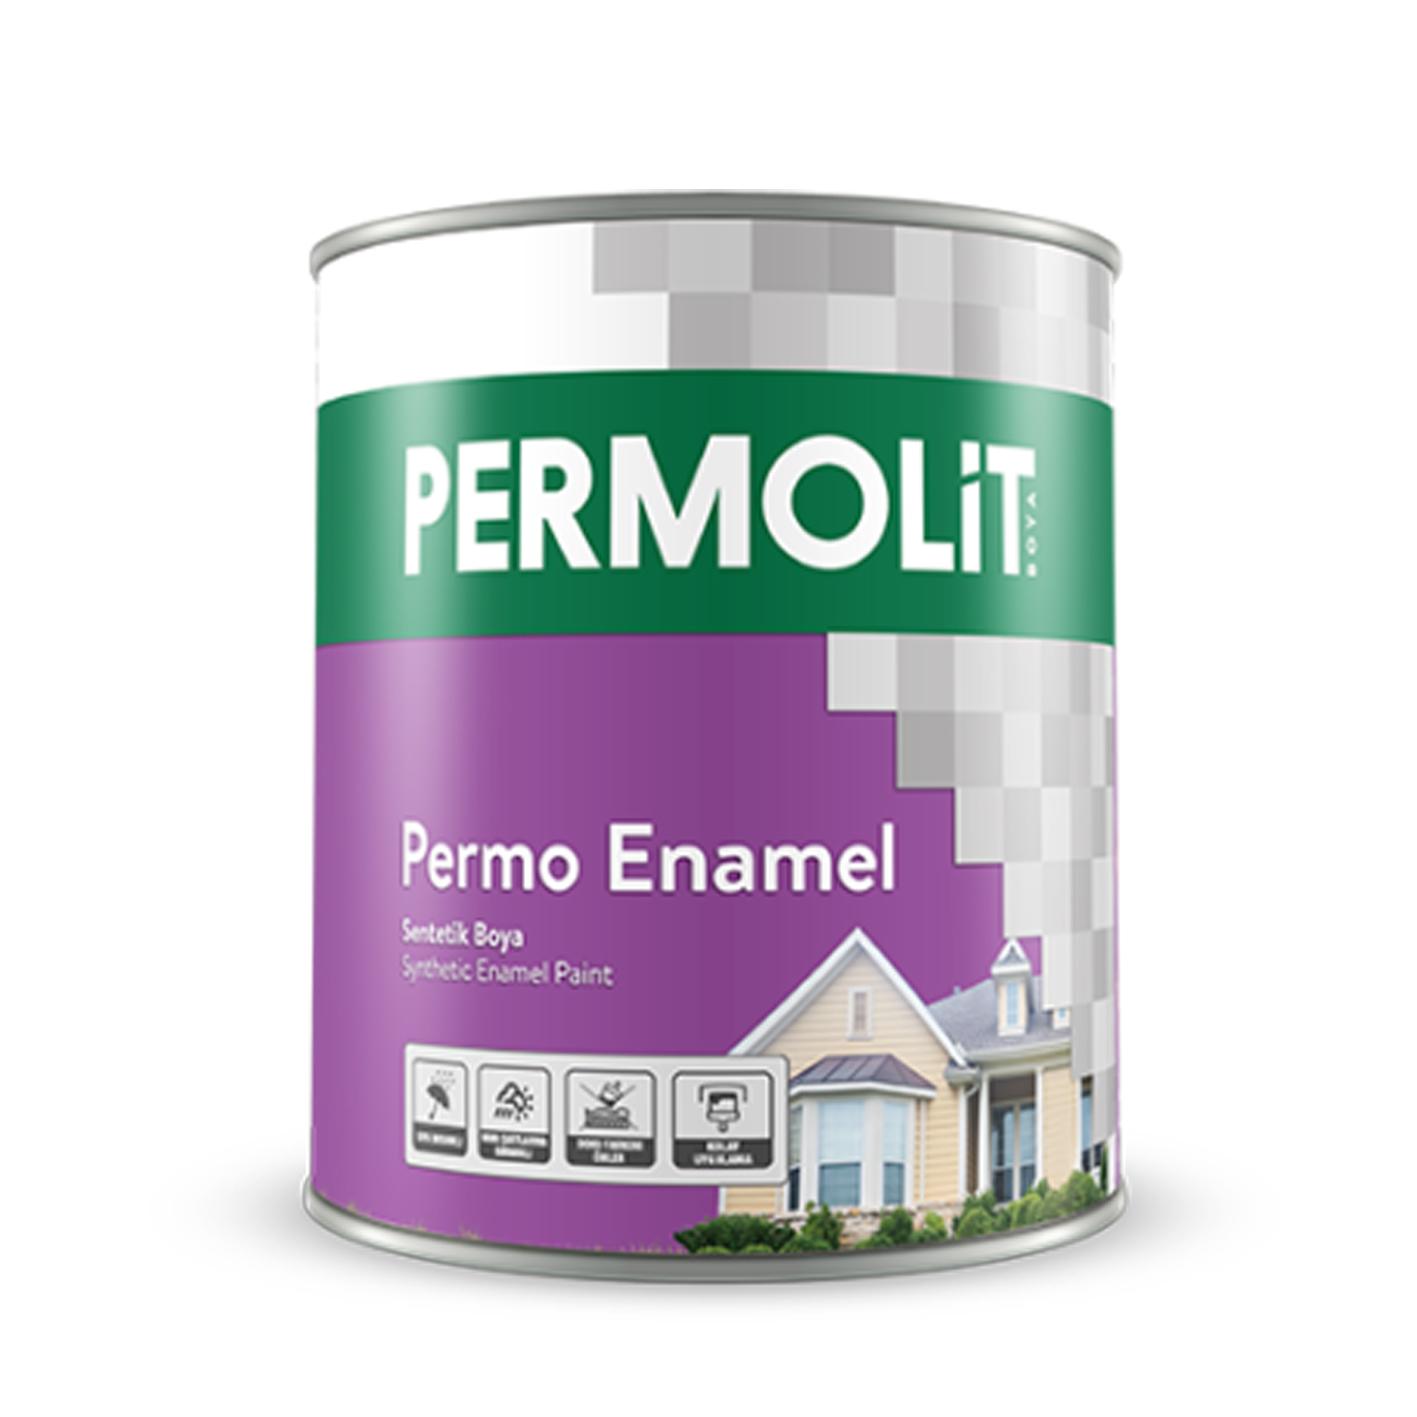 Permolit Permo Enamel Sentetik Fırtına 2.5Lt